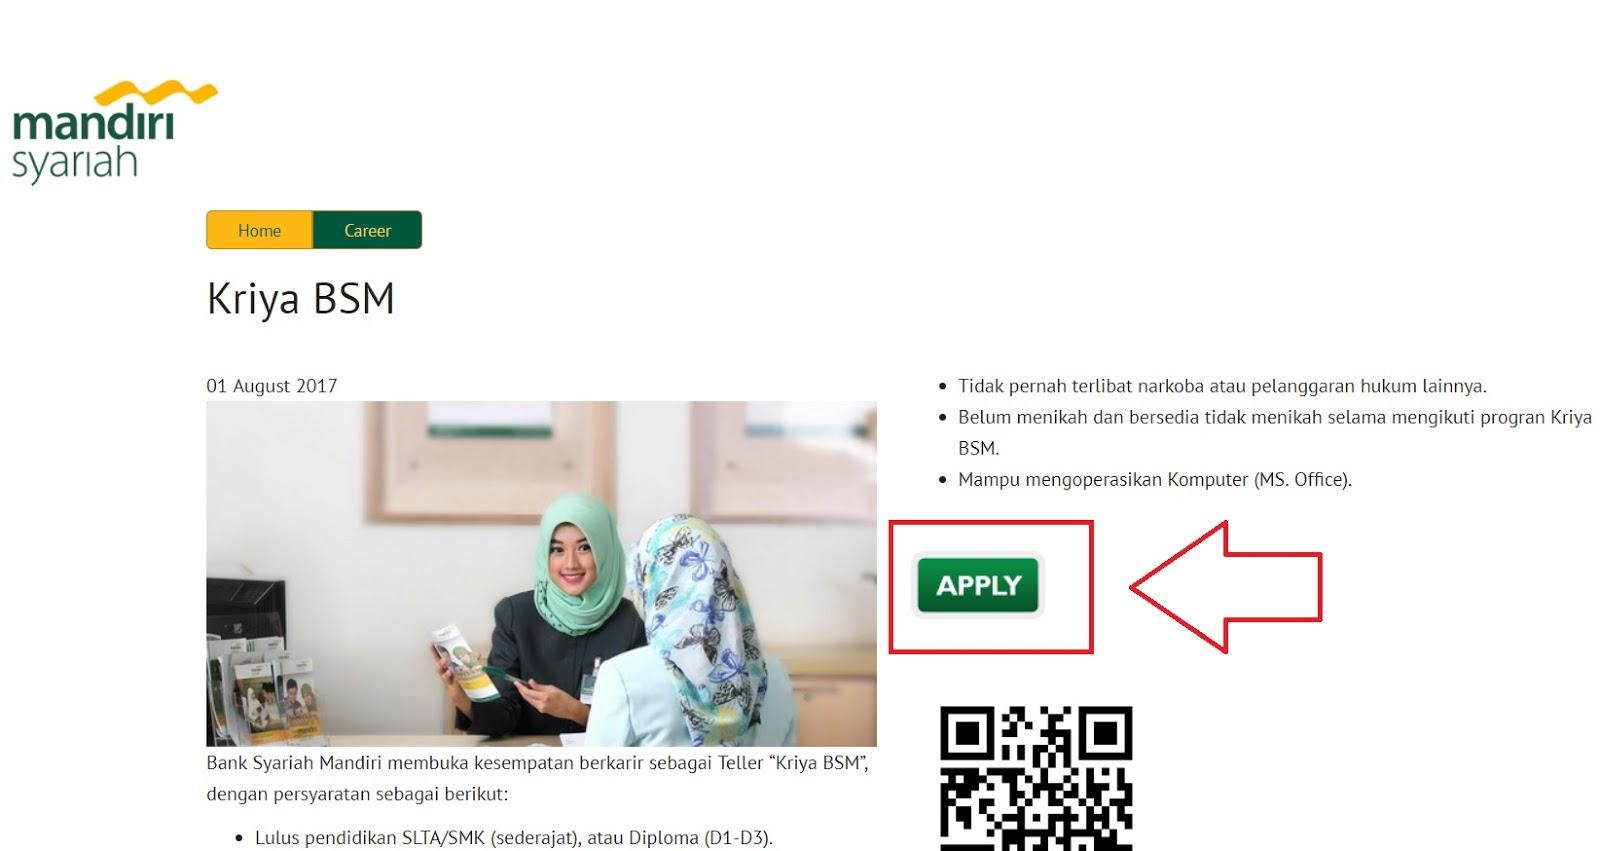 Melamar Teller Di Bank Mandiri Syariah Untuk Lulusan SMA SMK Sederajat Secara Online